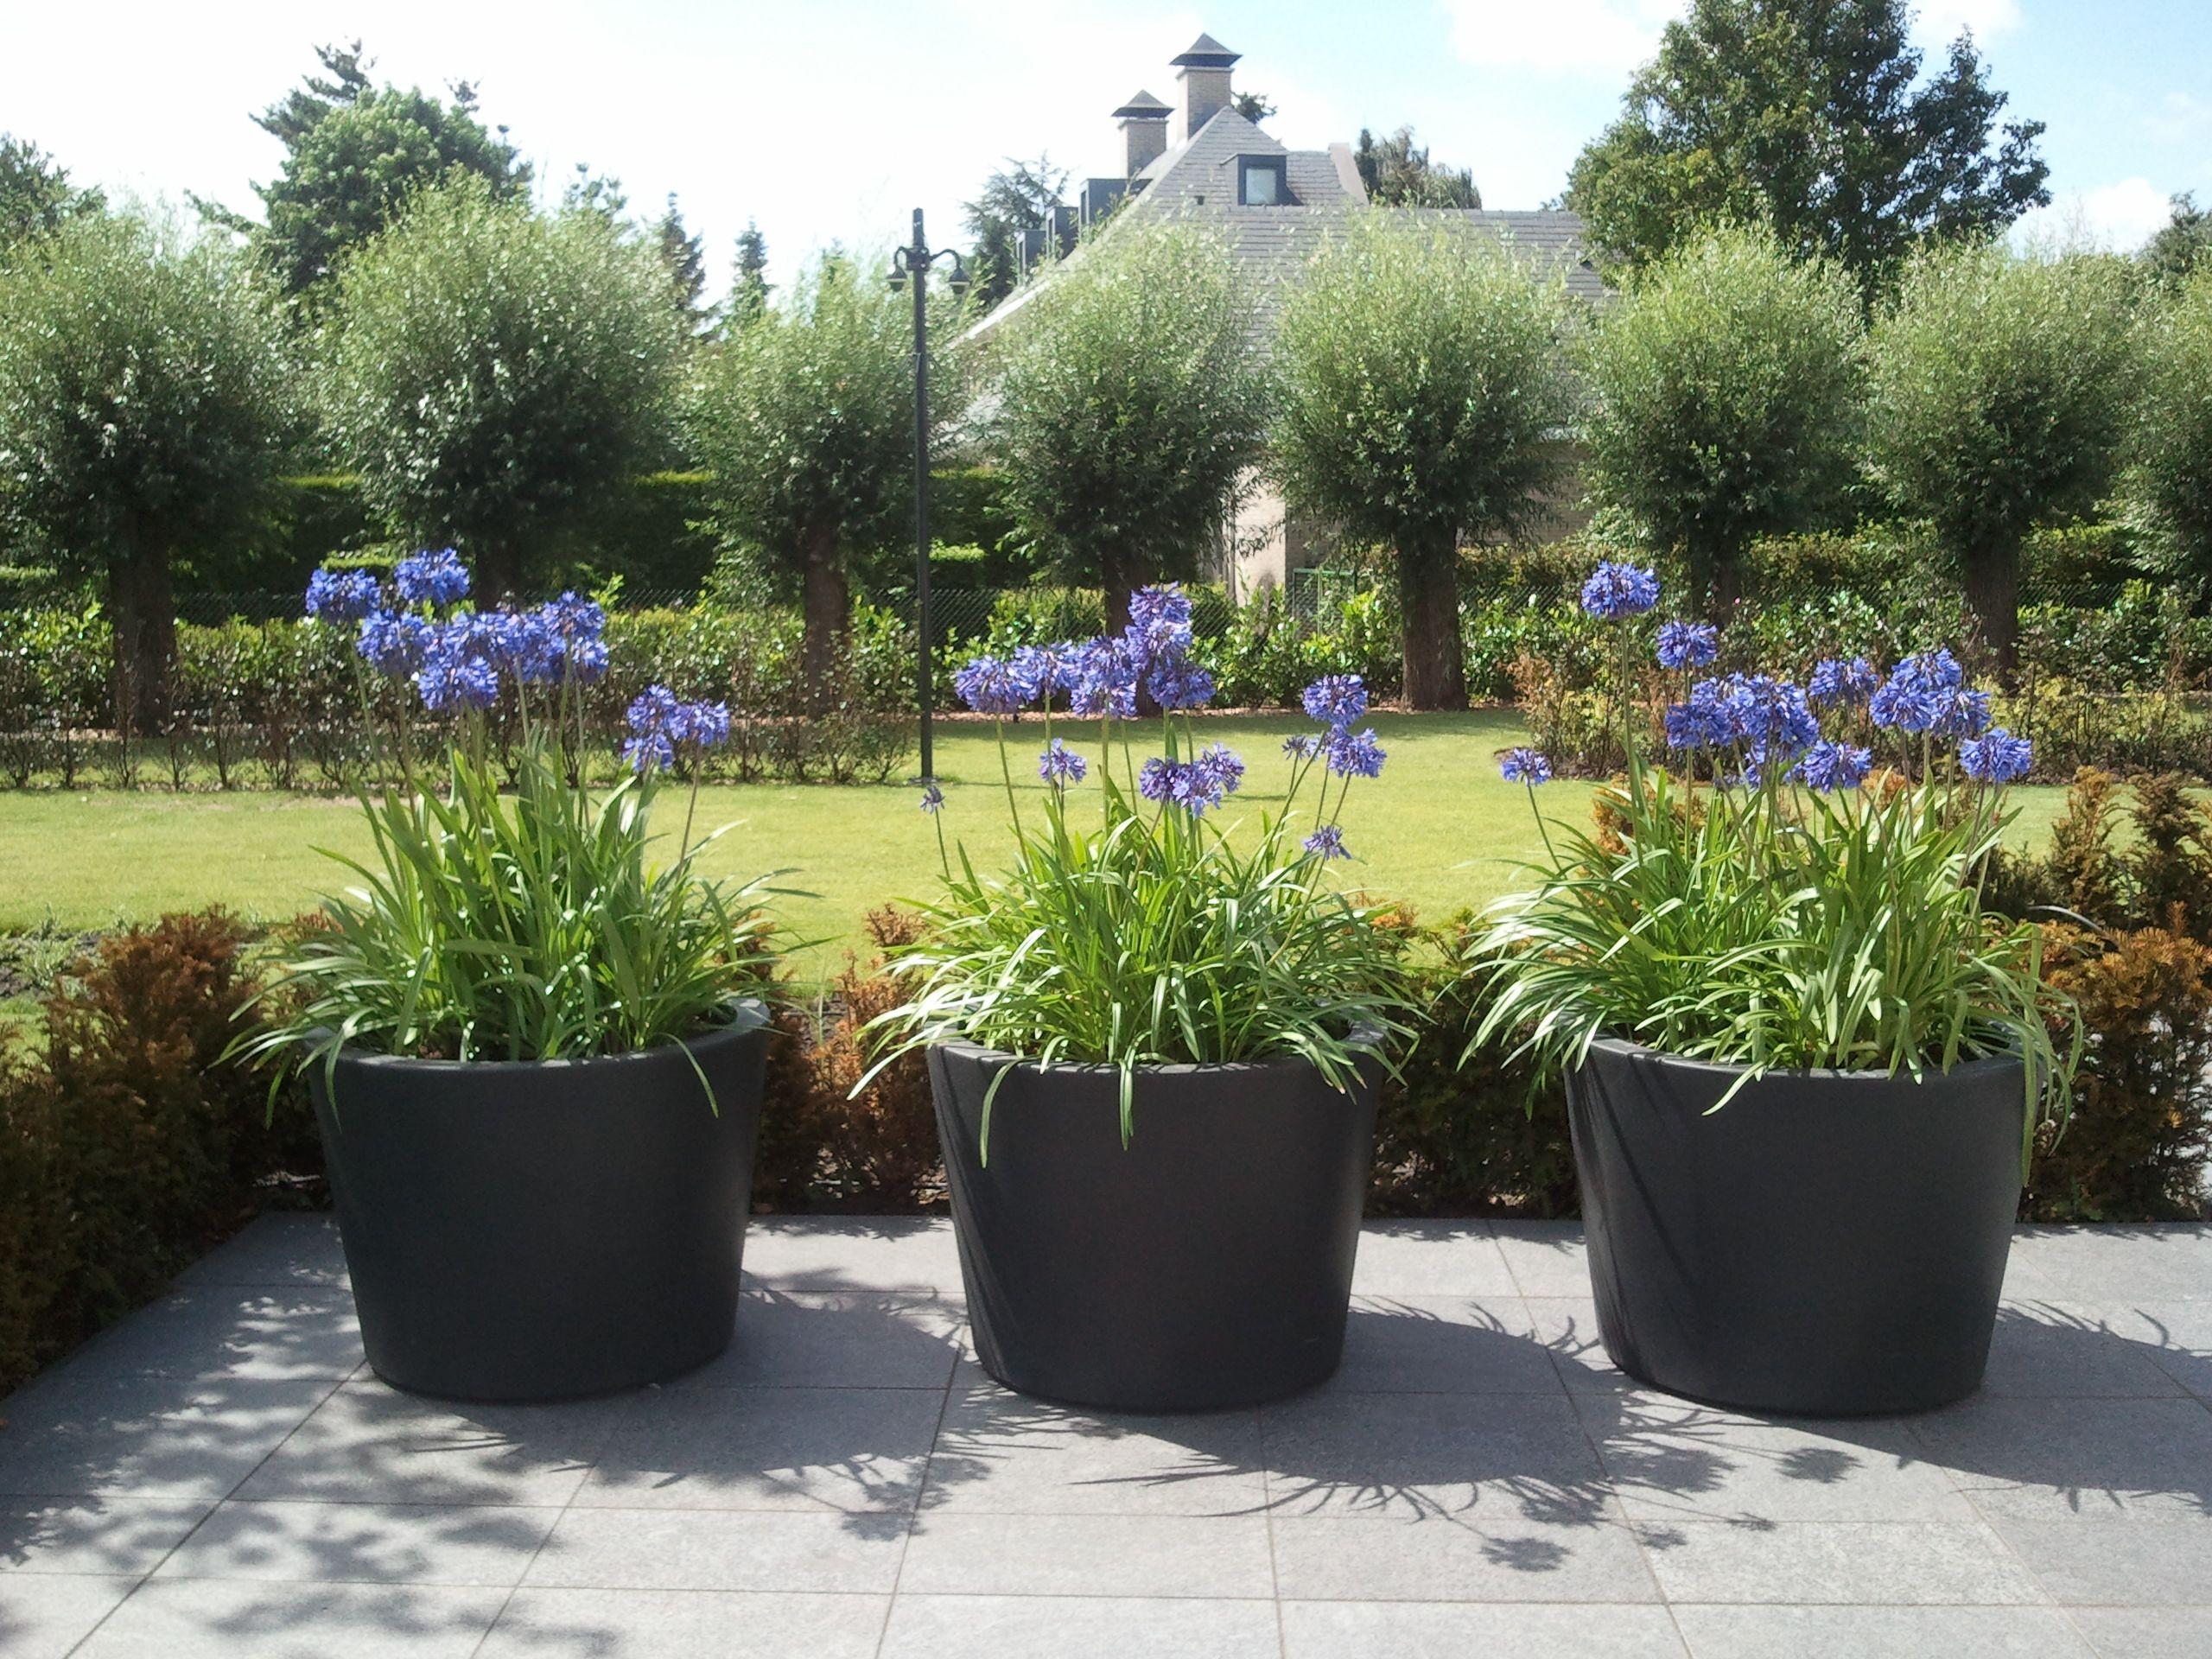 Strakke moderne bloempotten in een landschappelijke omgeving de losgroeiende beplanting zorgen - Moderne tuinfoto ...